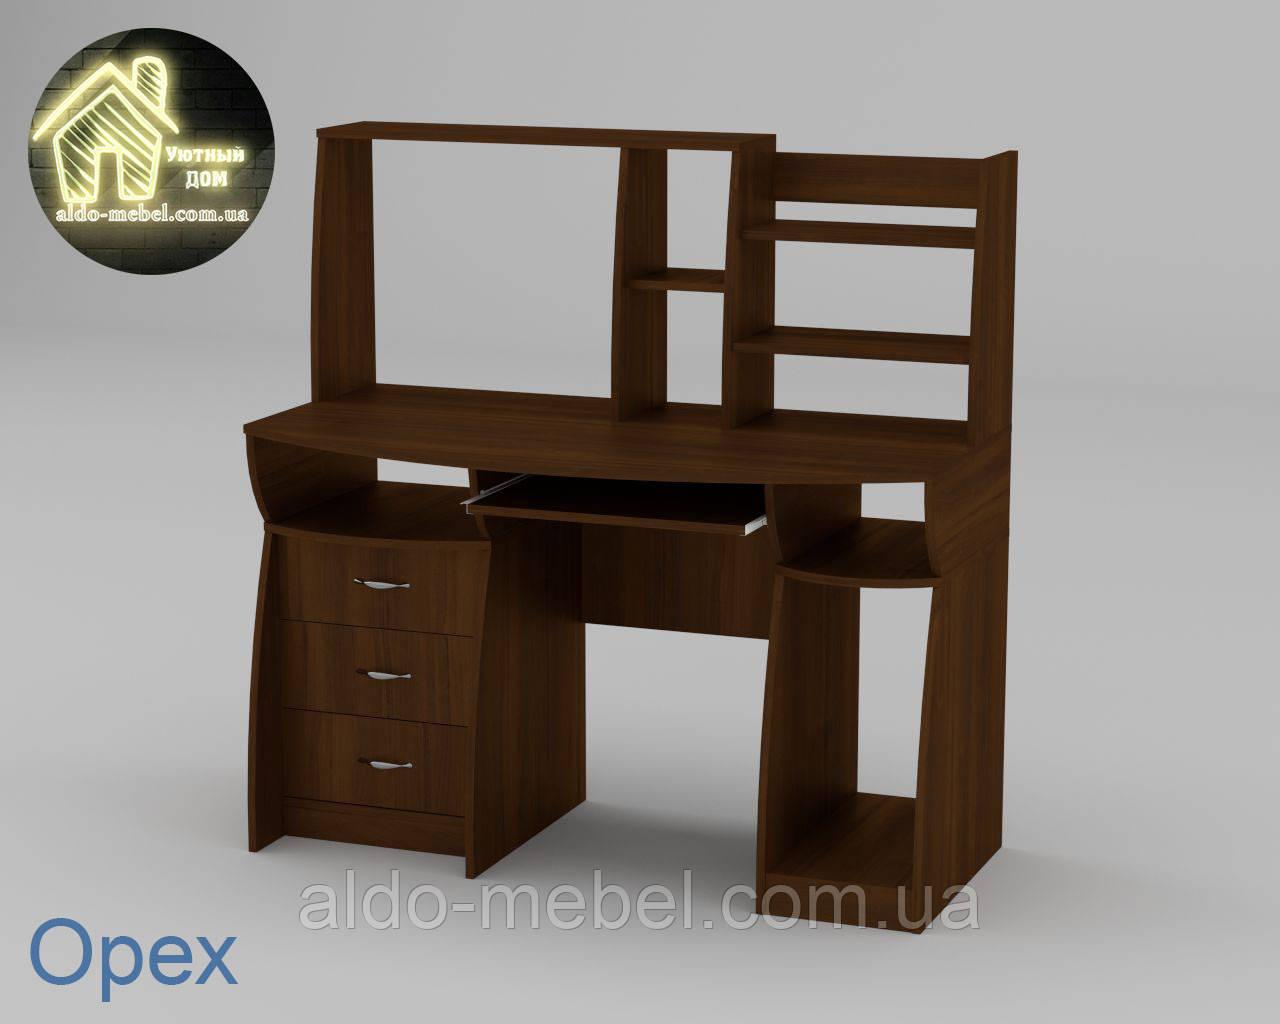 Стол компьютерный Комфорт - 3 Габариты Ш - 1310 мм; В - 809 + 516 мм; Г - 700 мм (Компанит)